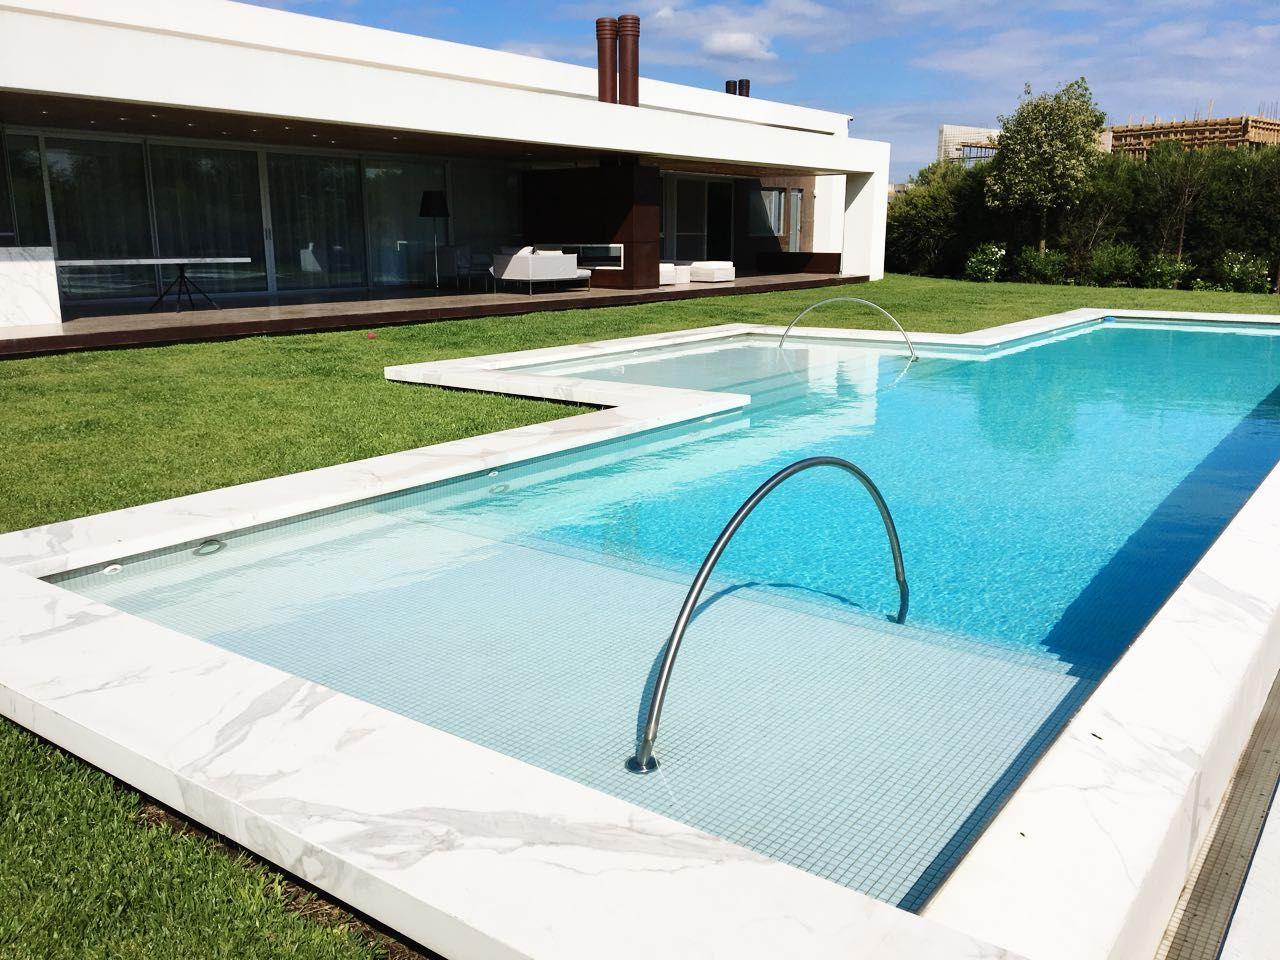 más de 25 ideas increíbles sobre luces de piscina en pinterest